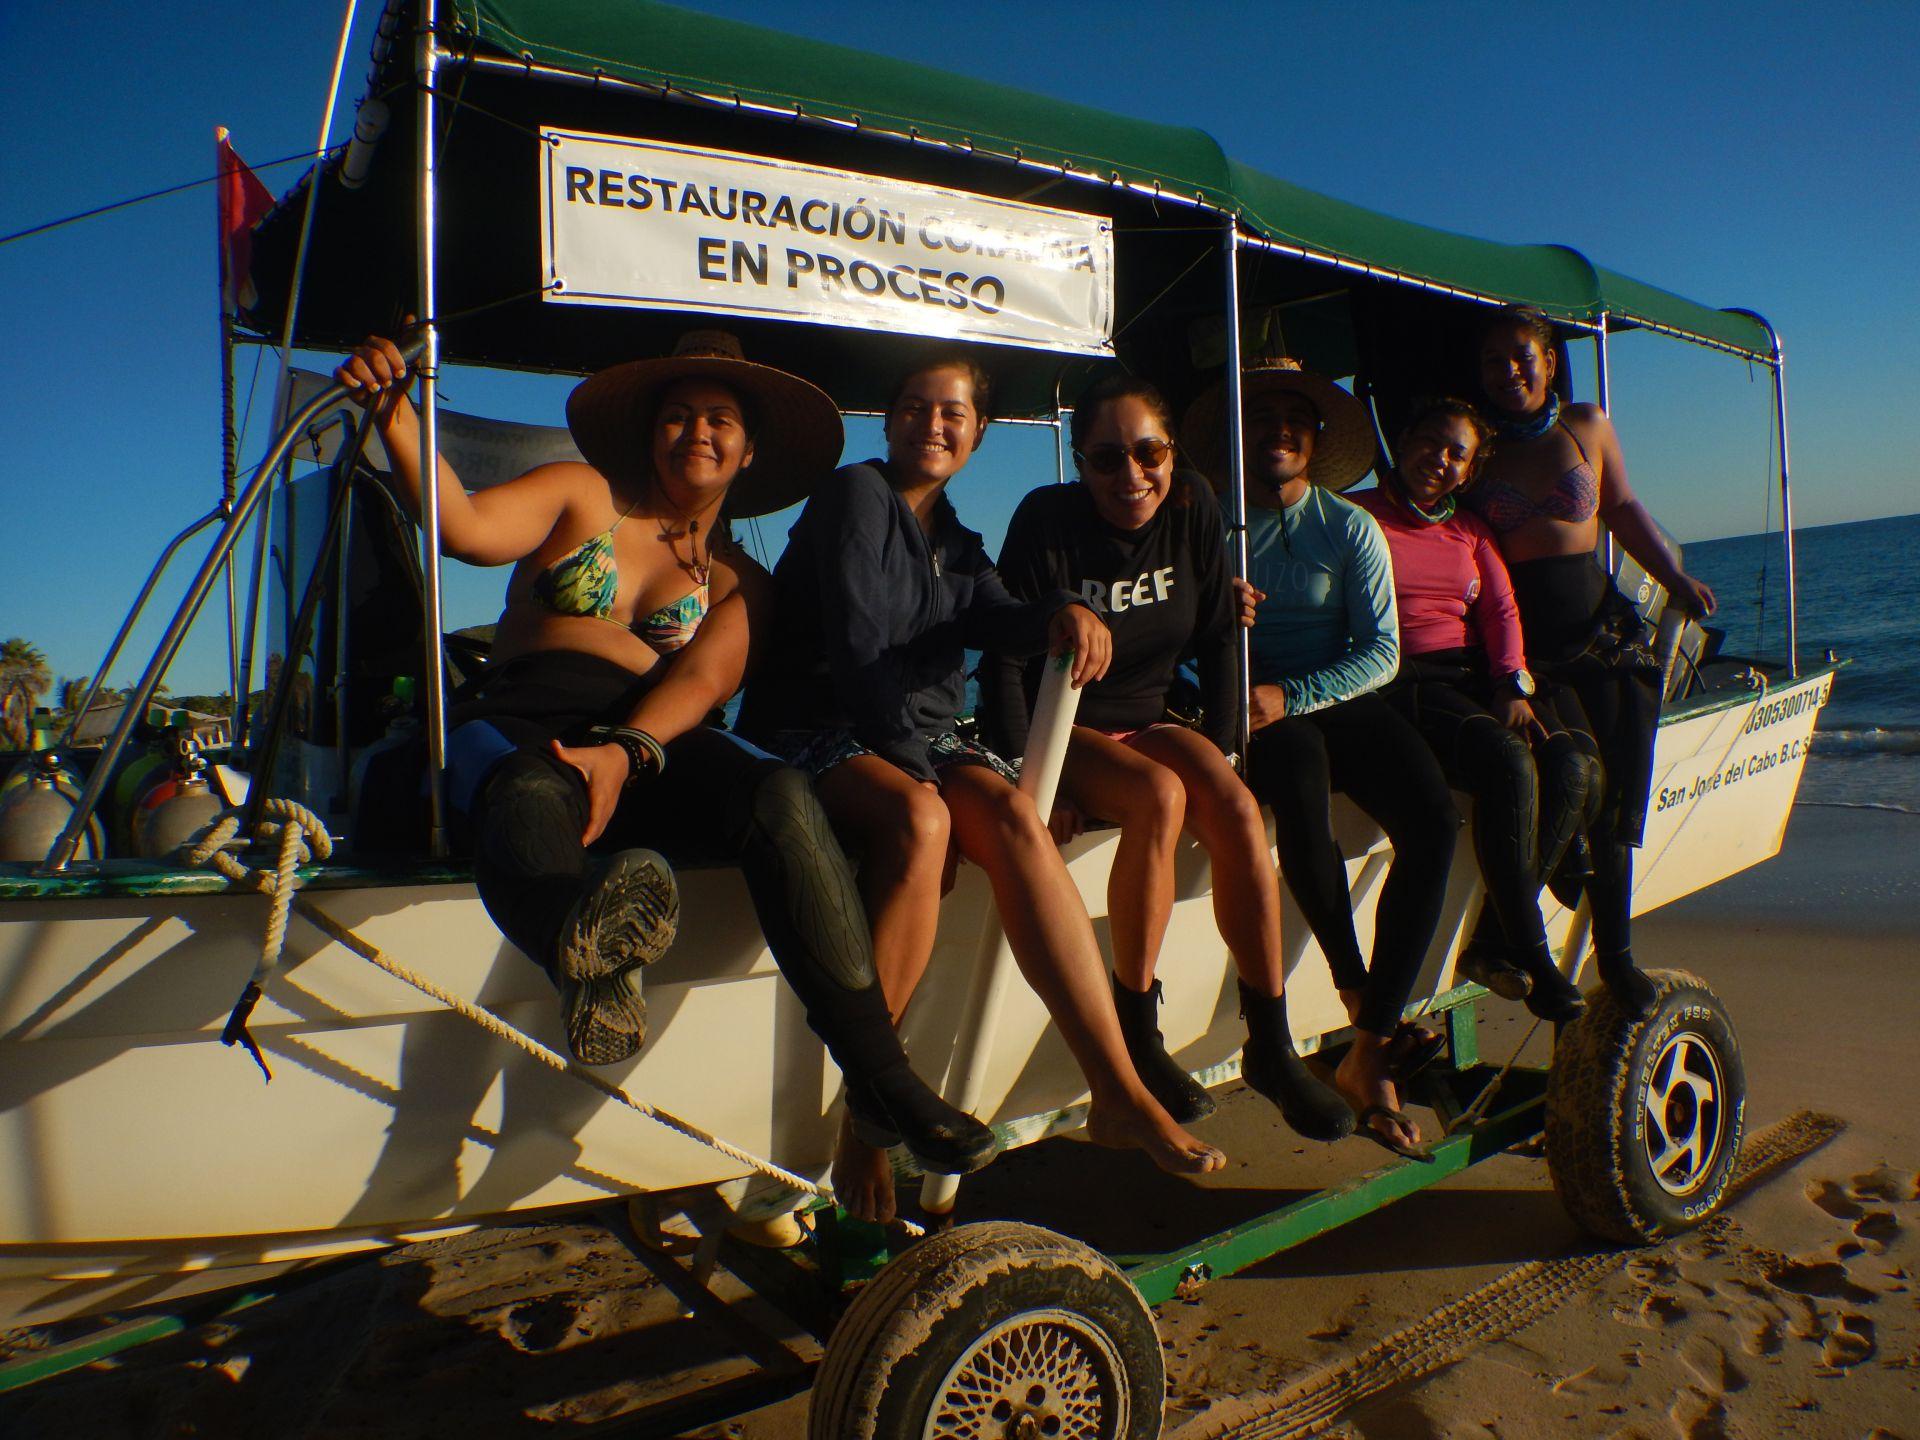 Avances de restauración en Parque Nacional Cabo Pulmo 2